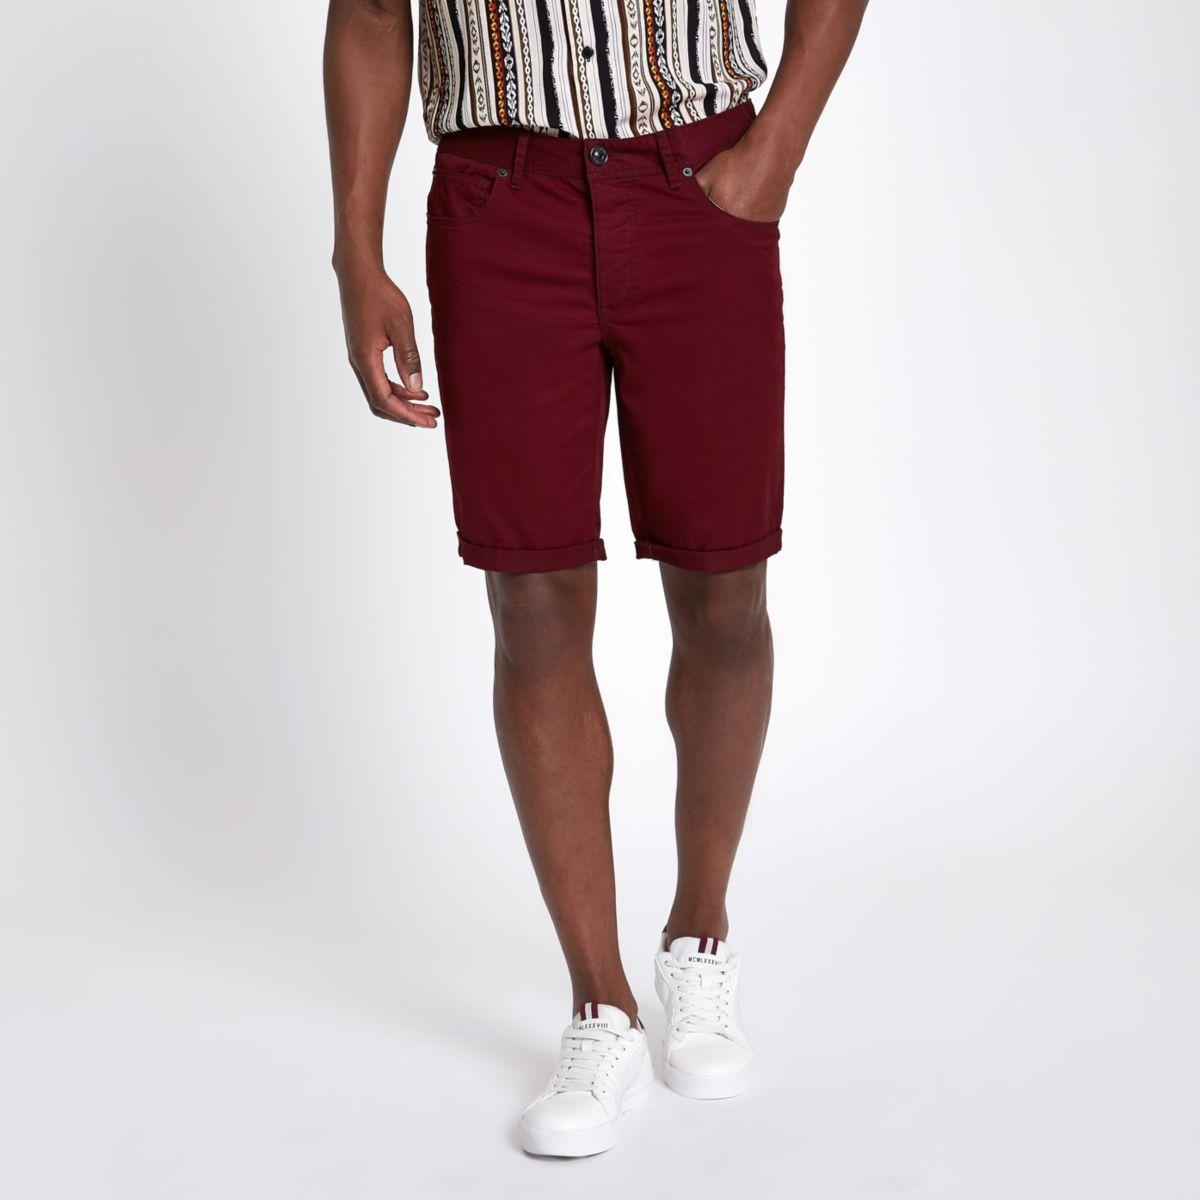 Bugundy skinny fit shorts